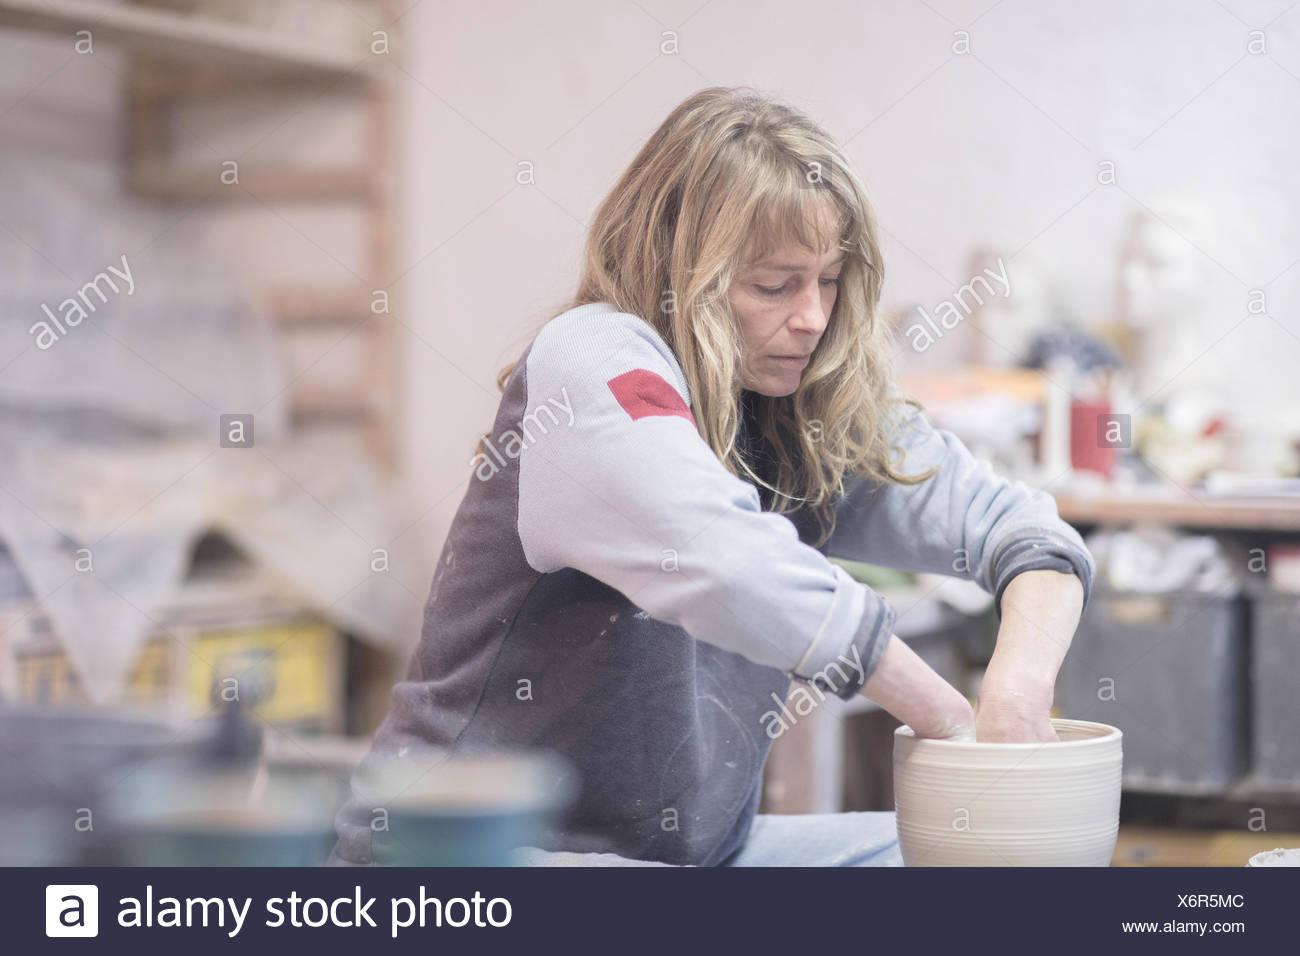 Hembra elevando una vasija de barro de alfarero rueda de alfarería Imagen De Stock